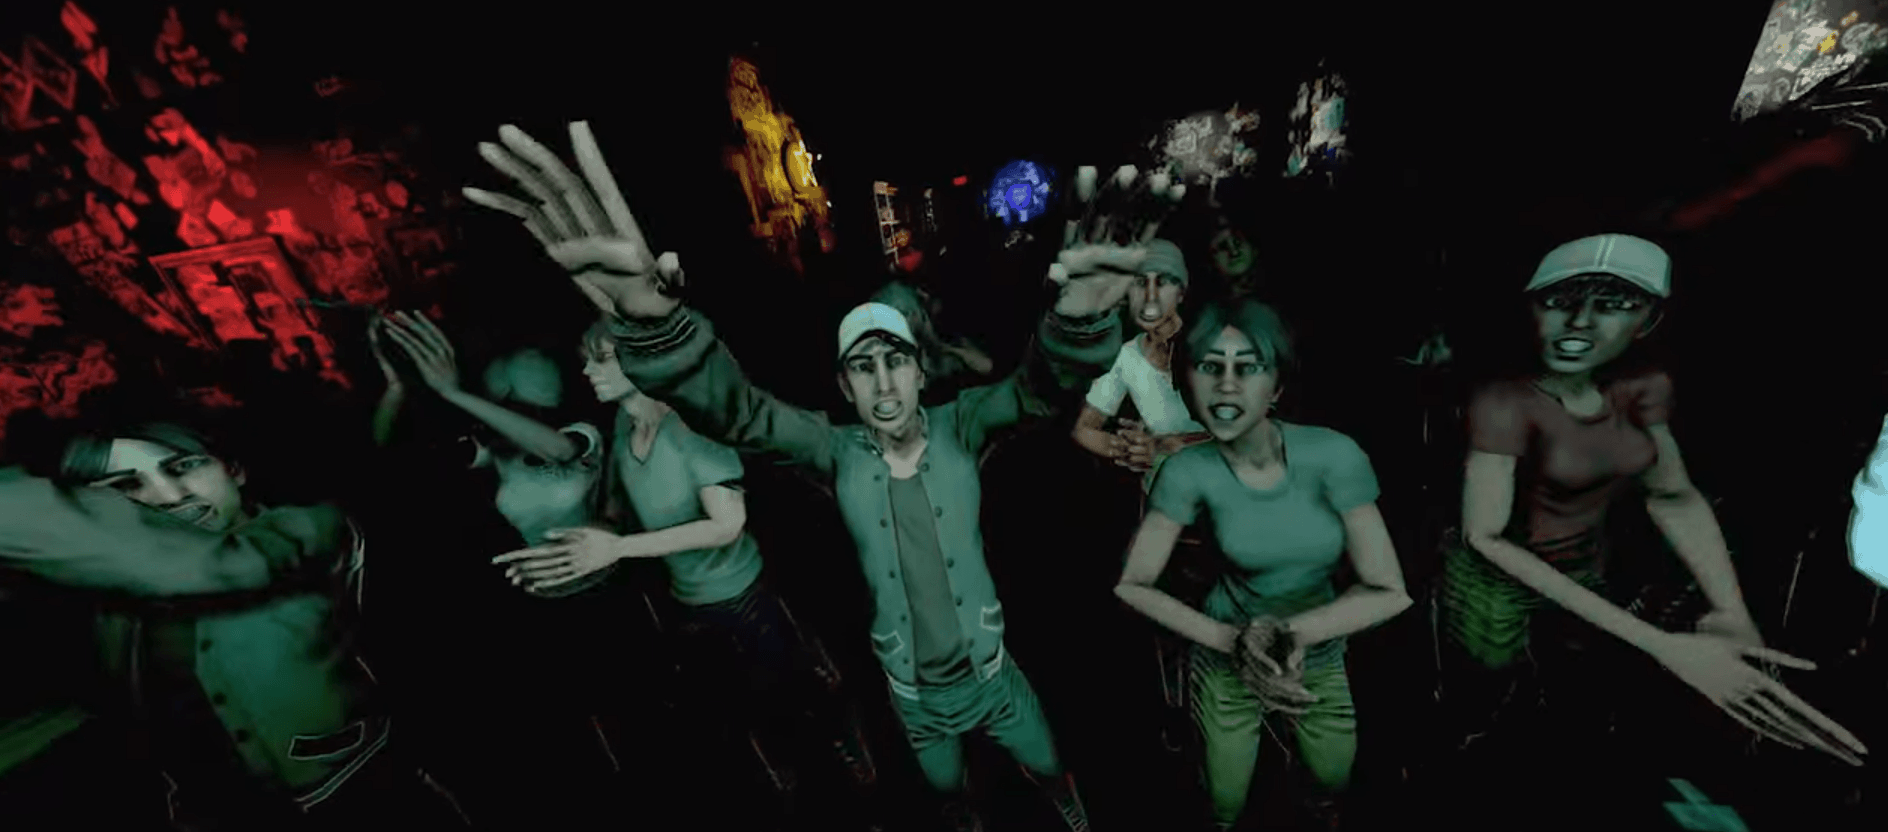 Rock Band VR Publikum aus dem Video von Oculus